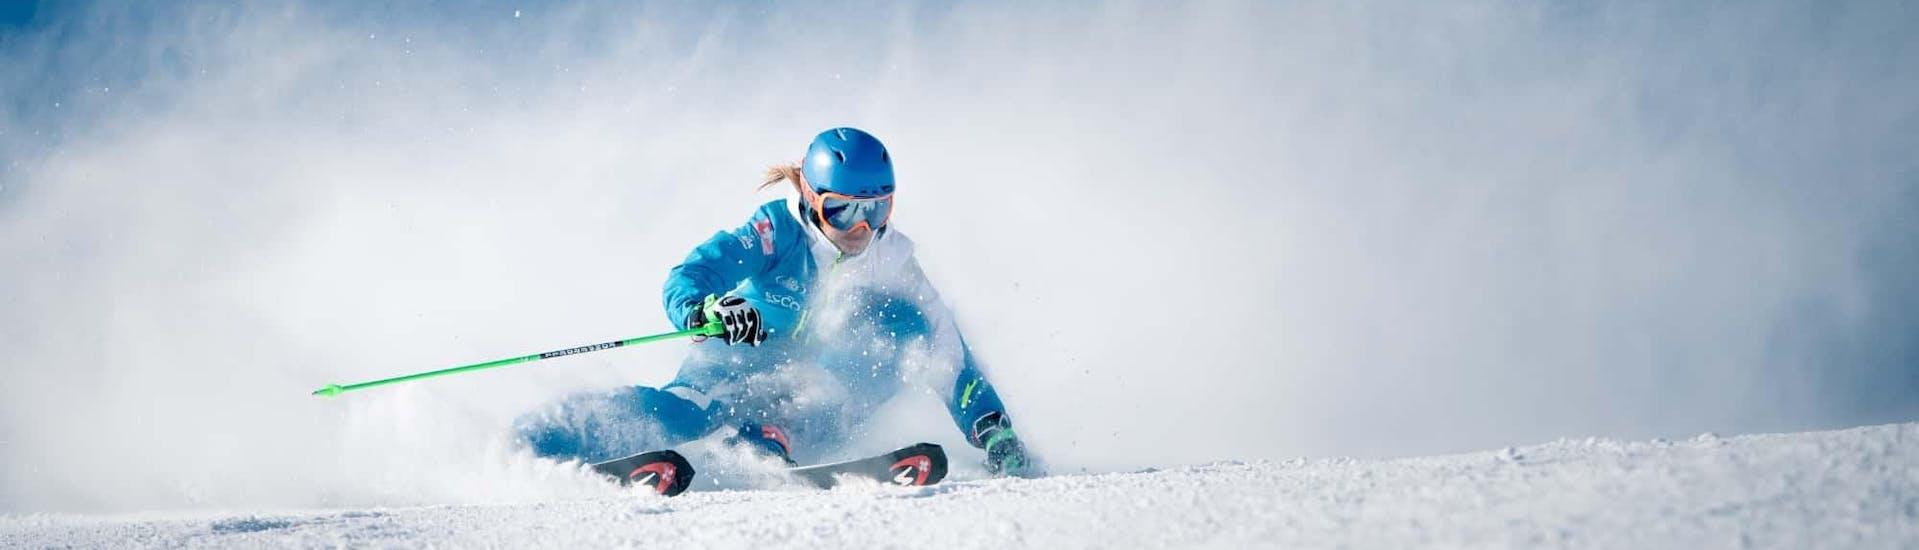 Cours de ski Enfants dès 12 ans - Avancé avec Silvaplana Top Snowsports - Hero image